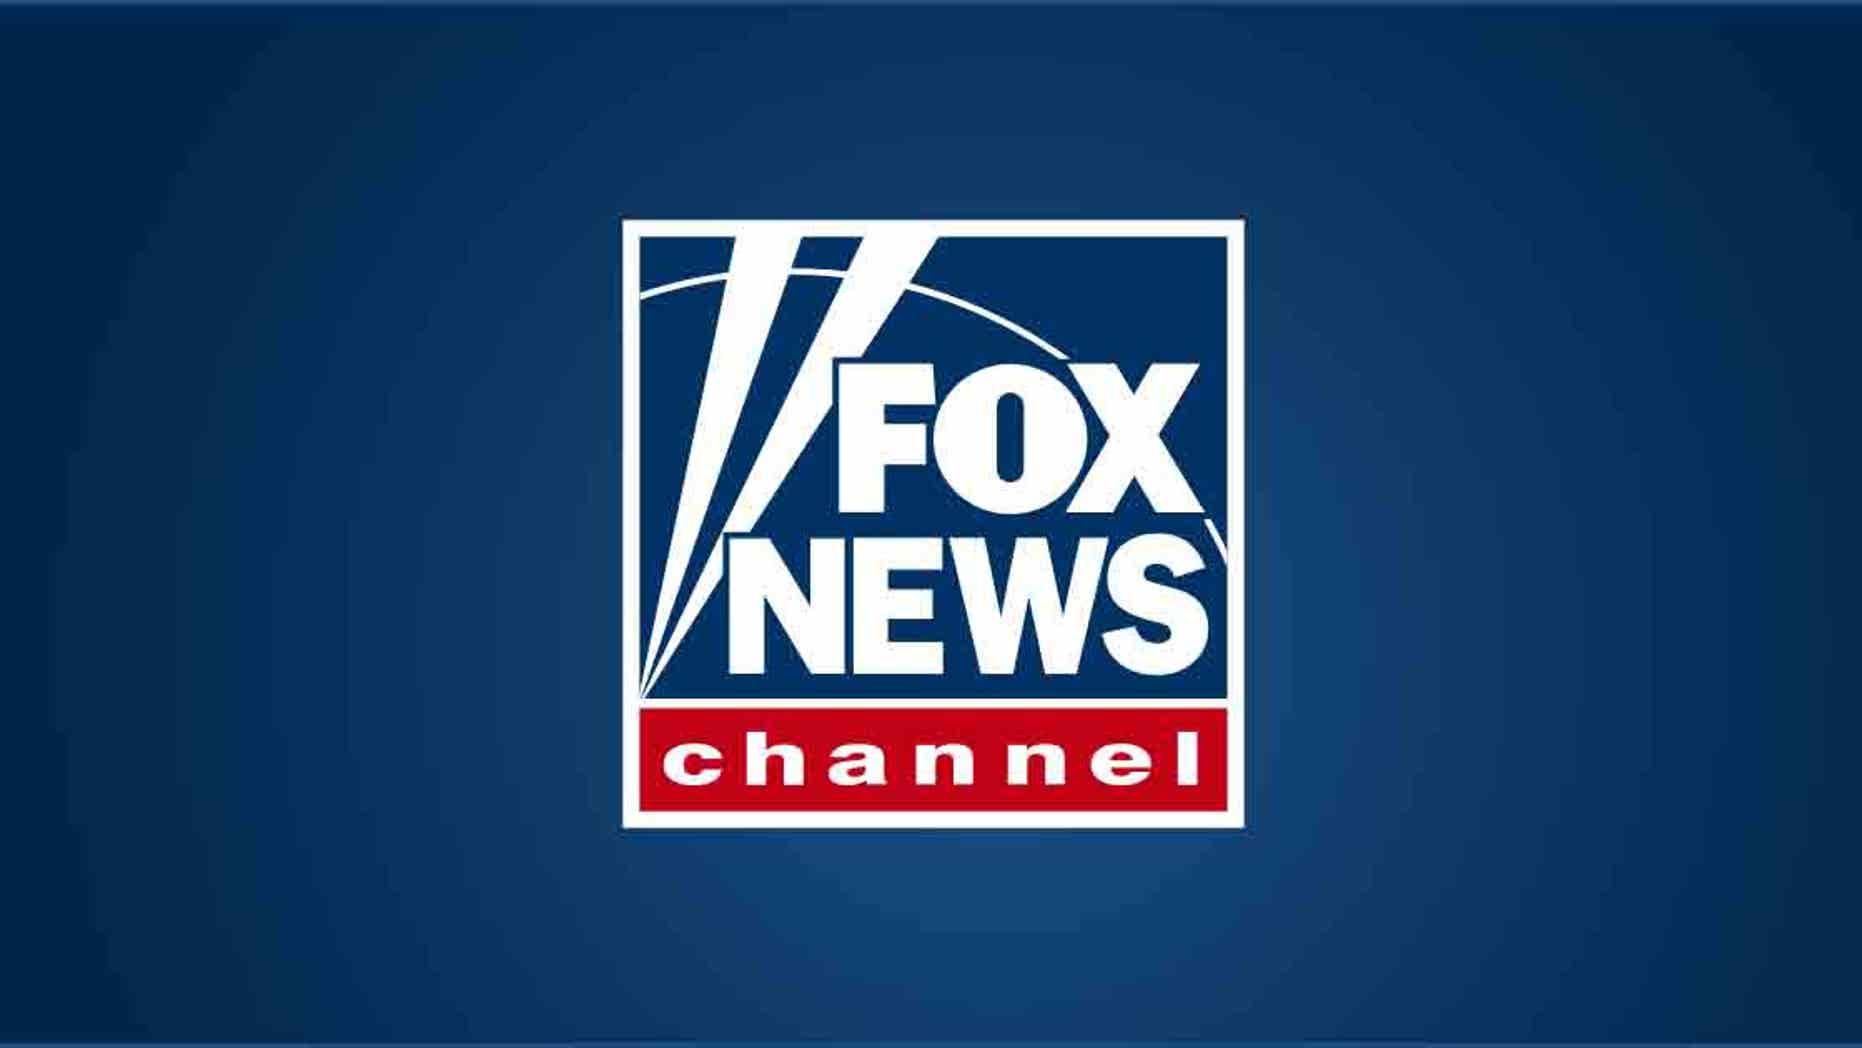 https://a57.foxnews.com/static.foxnews.com/foxnews.com/content/uploads/2019/04/1862/1048/fox-news-channel-logo.jpg